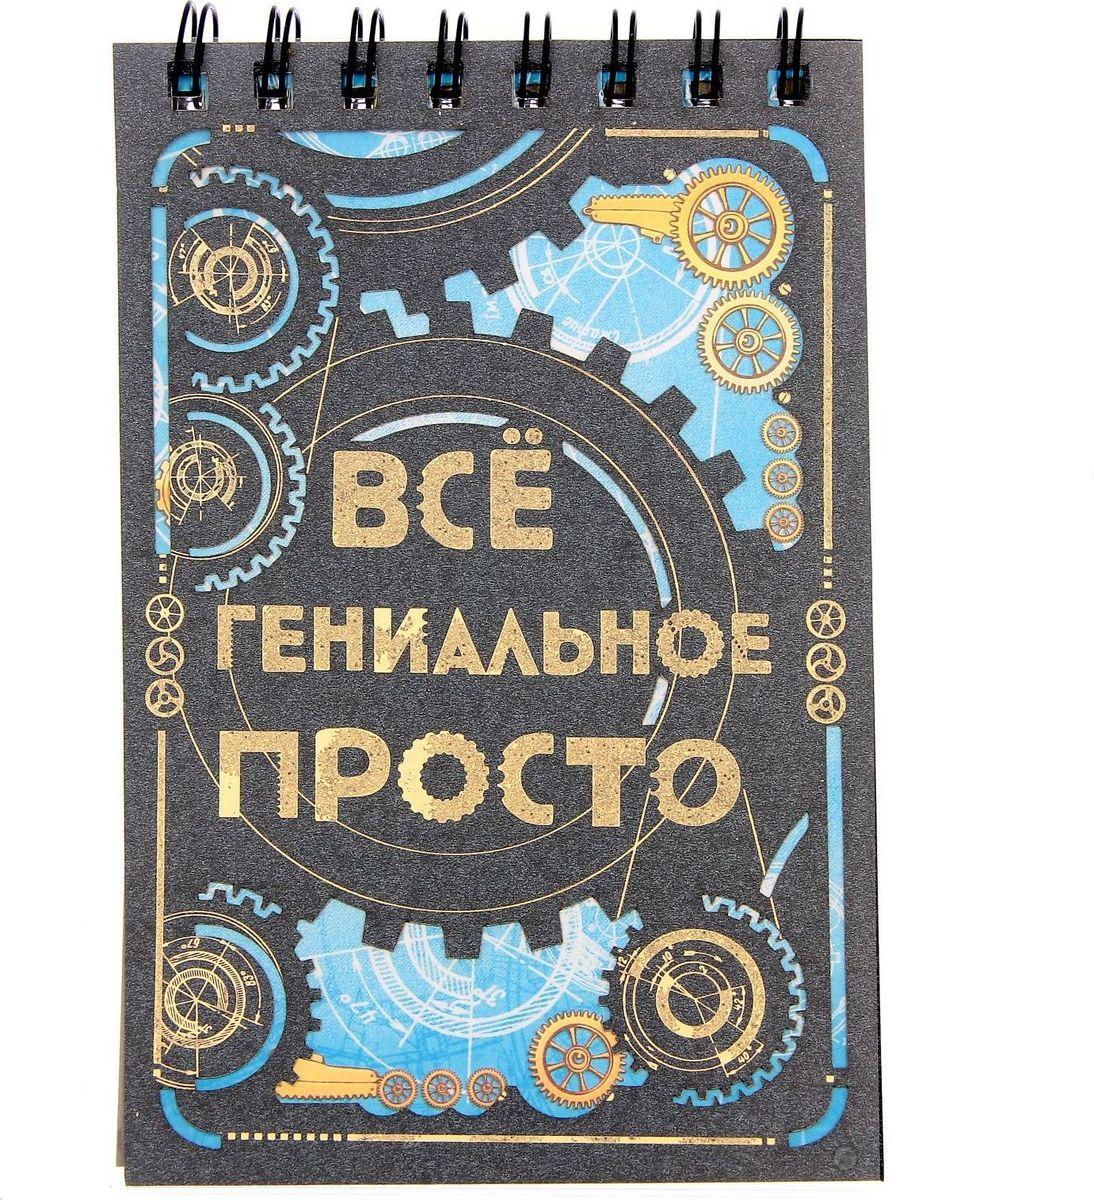 Блокнот Все гениальное просто 80 листов168670Оригинальный и практичный блокнот на спирали Все гениальное просто в неповторимом авторском дизайне станет неотъемлемым атрибутом вашей жизни. Благодаря небольшому размеру он легко поместится в дамскую сумочку, придется по нраву людям, ведущим активный образ жизни. Делайте подробные записи и детальное планирование важных дел, записывайте любые мысли и идеи. А если вам больше по душе делать творческие зарисовки, ежедневник - идеальное для этого место. Плотная бумага и дизайнерское оформление вдохновят на новые свершения. Необычная обложка выделяет этот блокнот среди его собратьев: она выполнена из плотной черной бумаги с прорезанным изображением в стиле стимпанк, сквозь которую виден рисунок первой страницы. Это придает изделию неповторимый шарм и эксклюзивность. Такой блокнот станет уникальным подарком, подчеркивающим яркую индивидуальность человека, которому он предназначается.Содержит 80 листов.